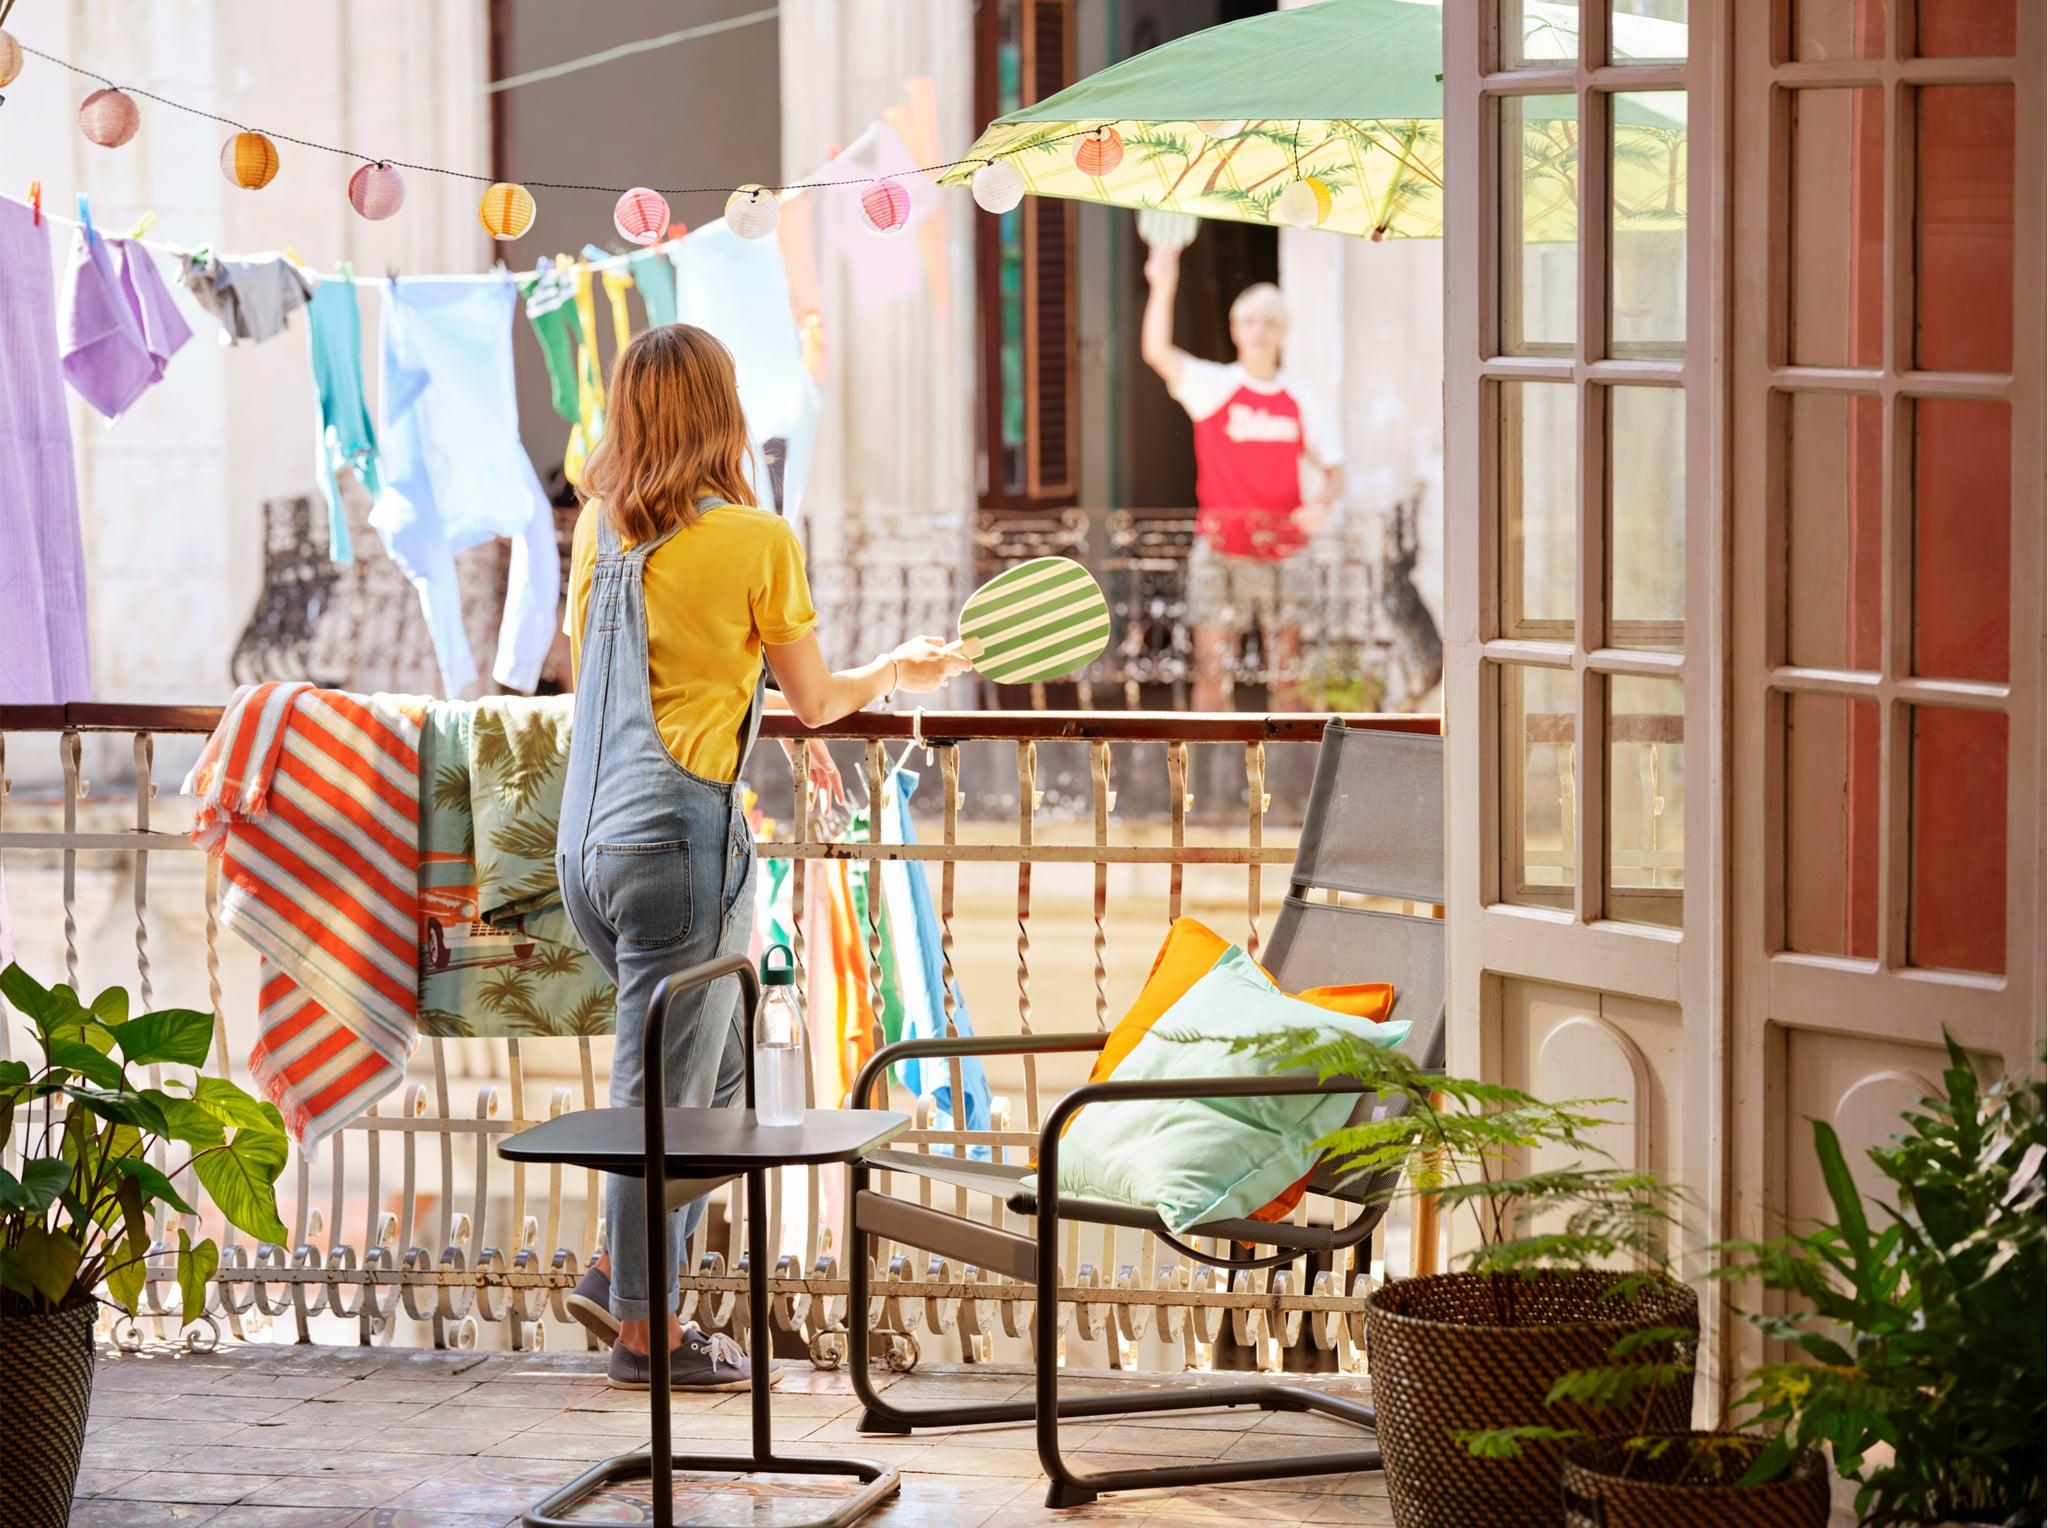 一名女子拿著沙灘球拍靠在露台欄杆,背景掛著一些燈串和衣服。